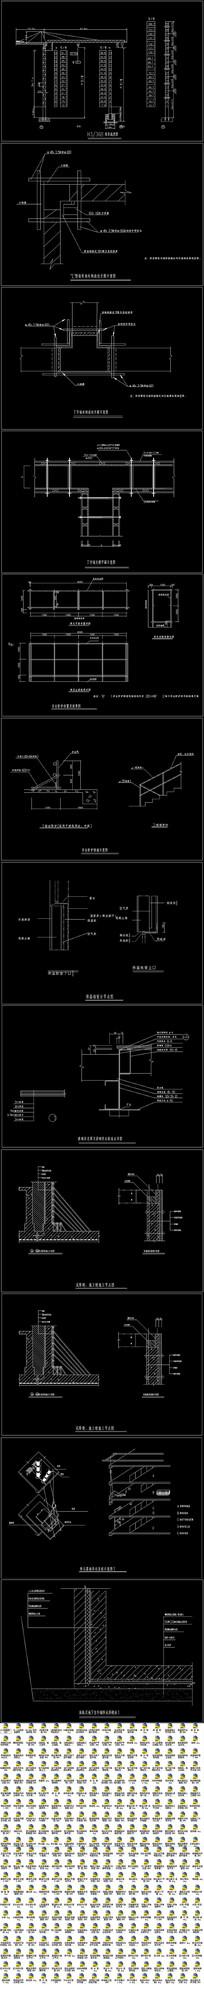 200个施工图库CAD节点图详图